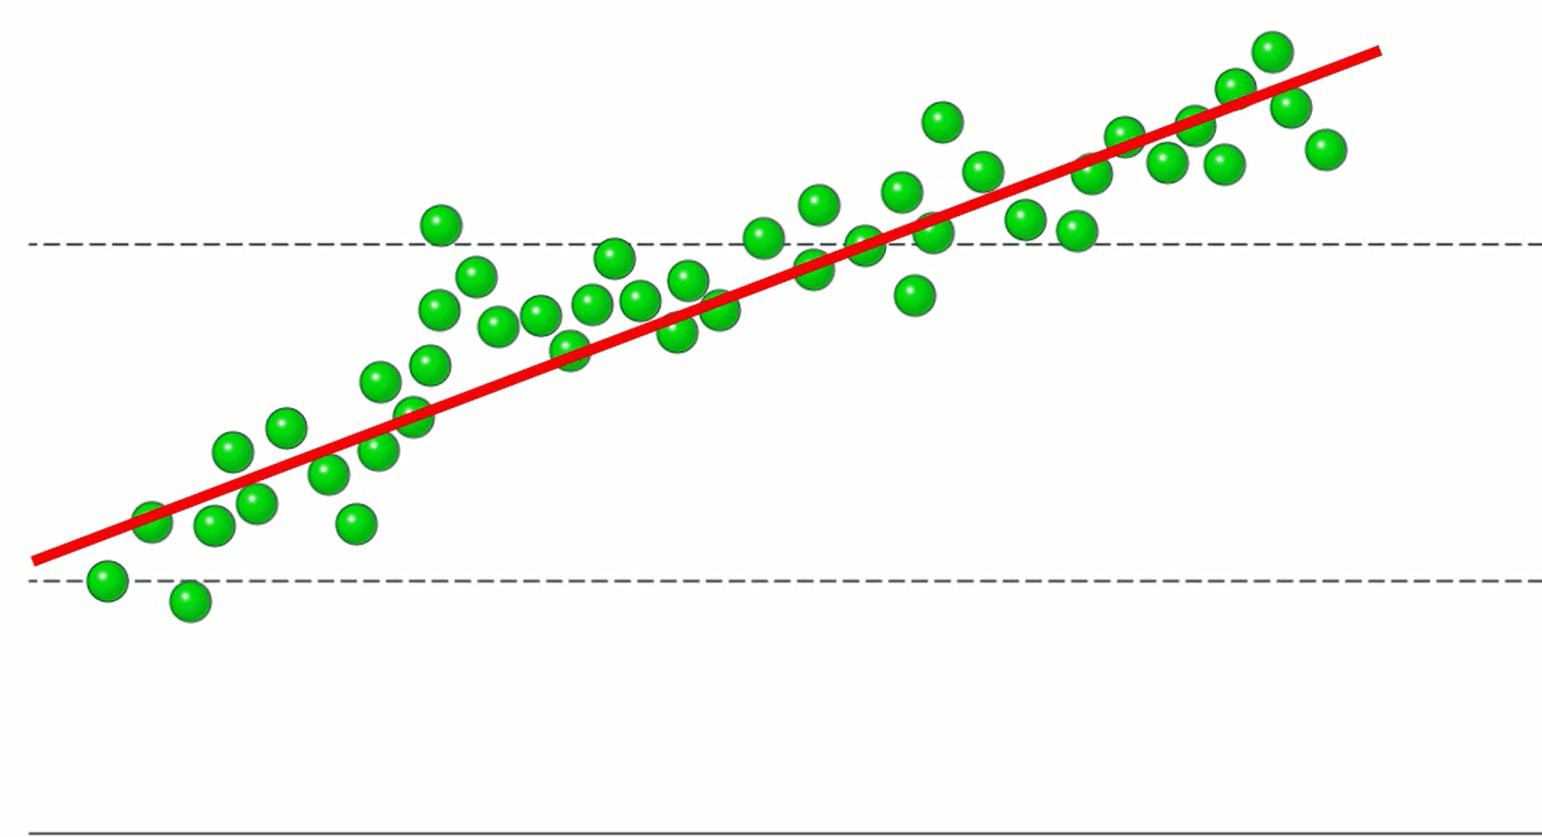 Coefficient Of Variation (CV)